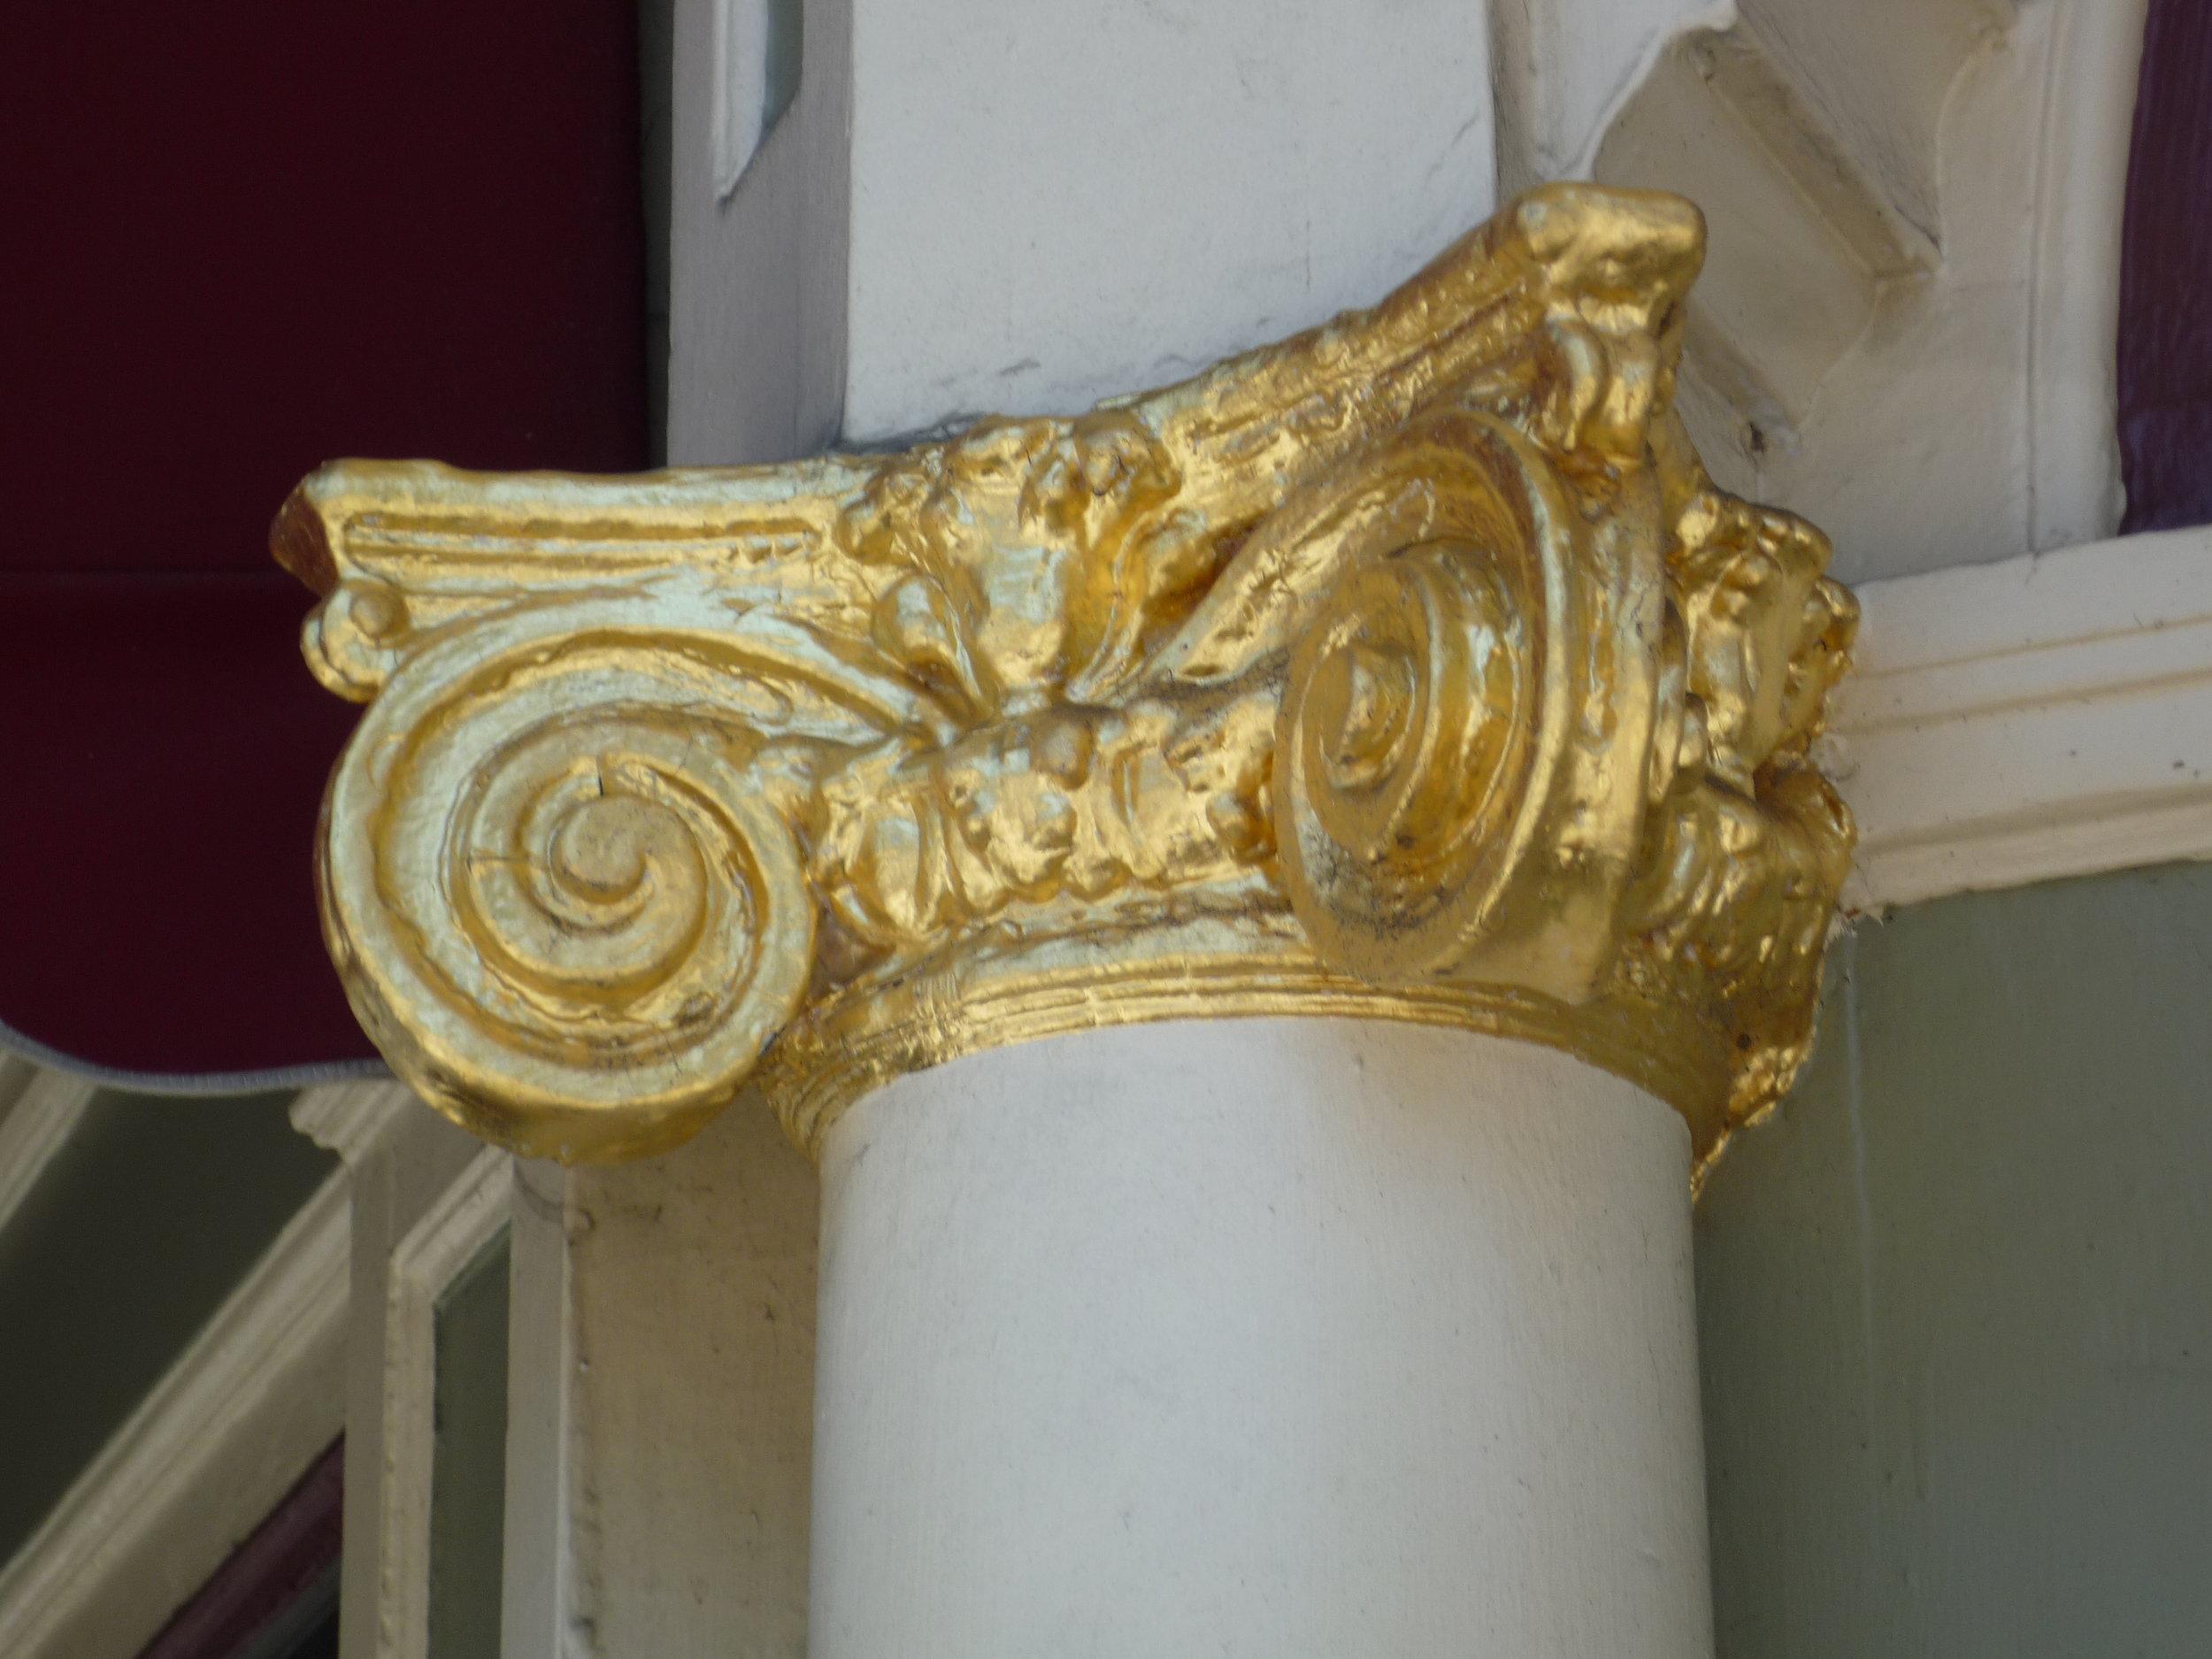 GILDING-gilded-corinthian-capital-chloe-cafe_4747639490_o.jpg